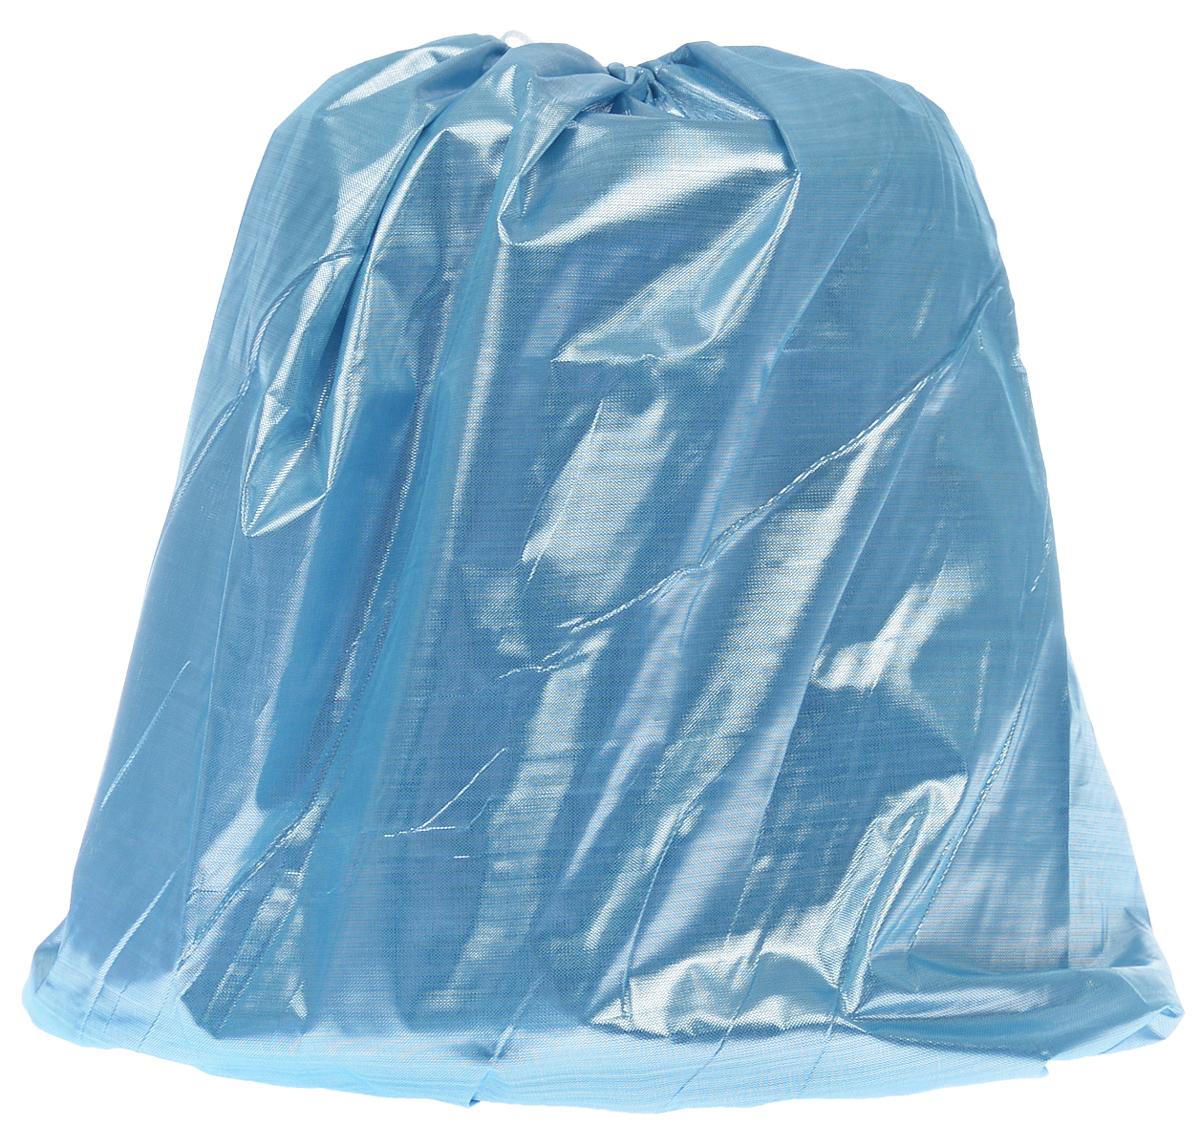 Покрывало под елку Eva, цвет: голубой, 105х45 смА092_голубойПокрывало Eva предназначено для декорирования нижней части ствола елки. Вы можете создать искусственный сугроб, украсив его мишурой, конфетти и подарками. Покрывало крепится с помощью завязок.